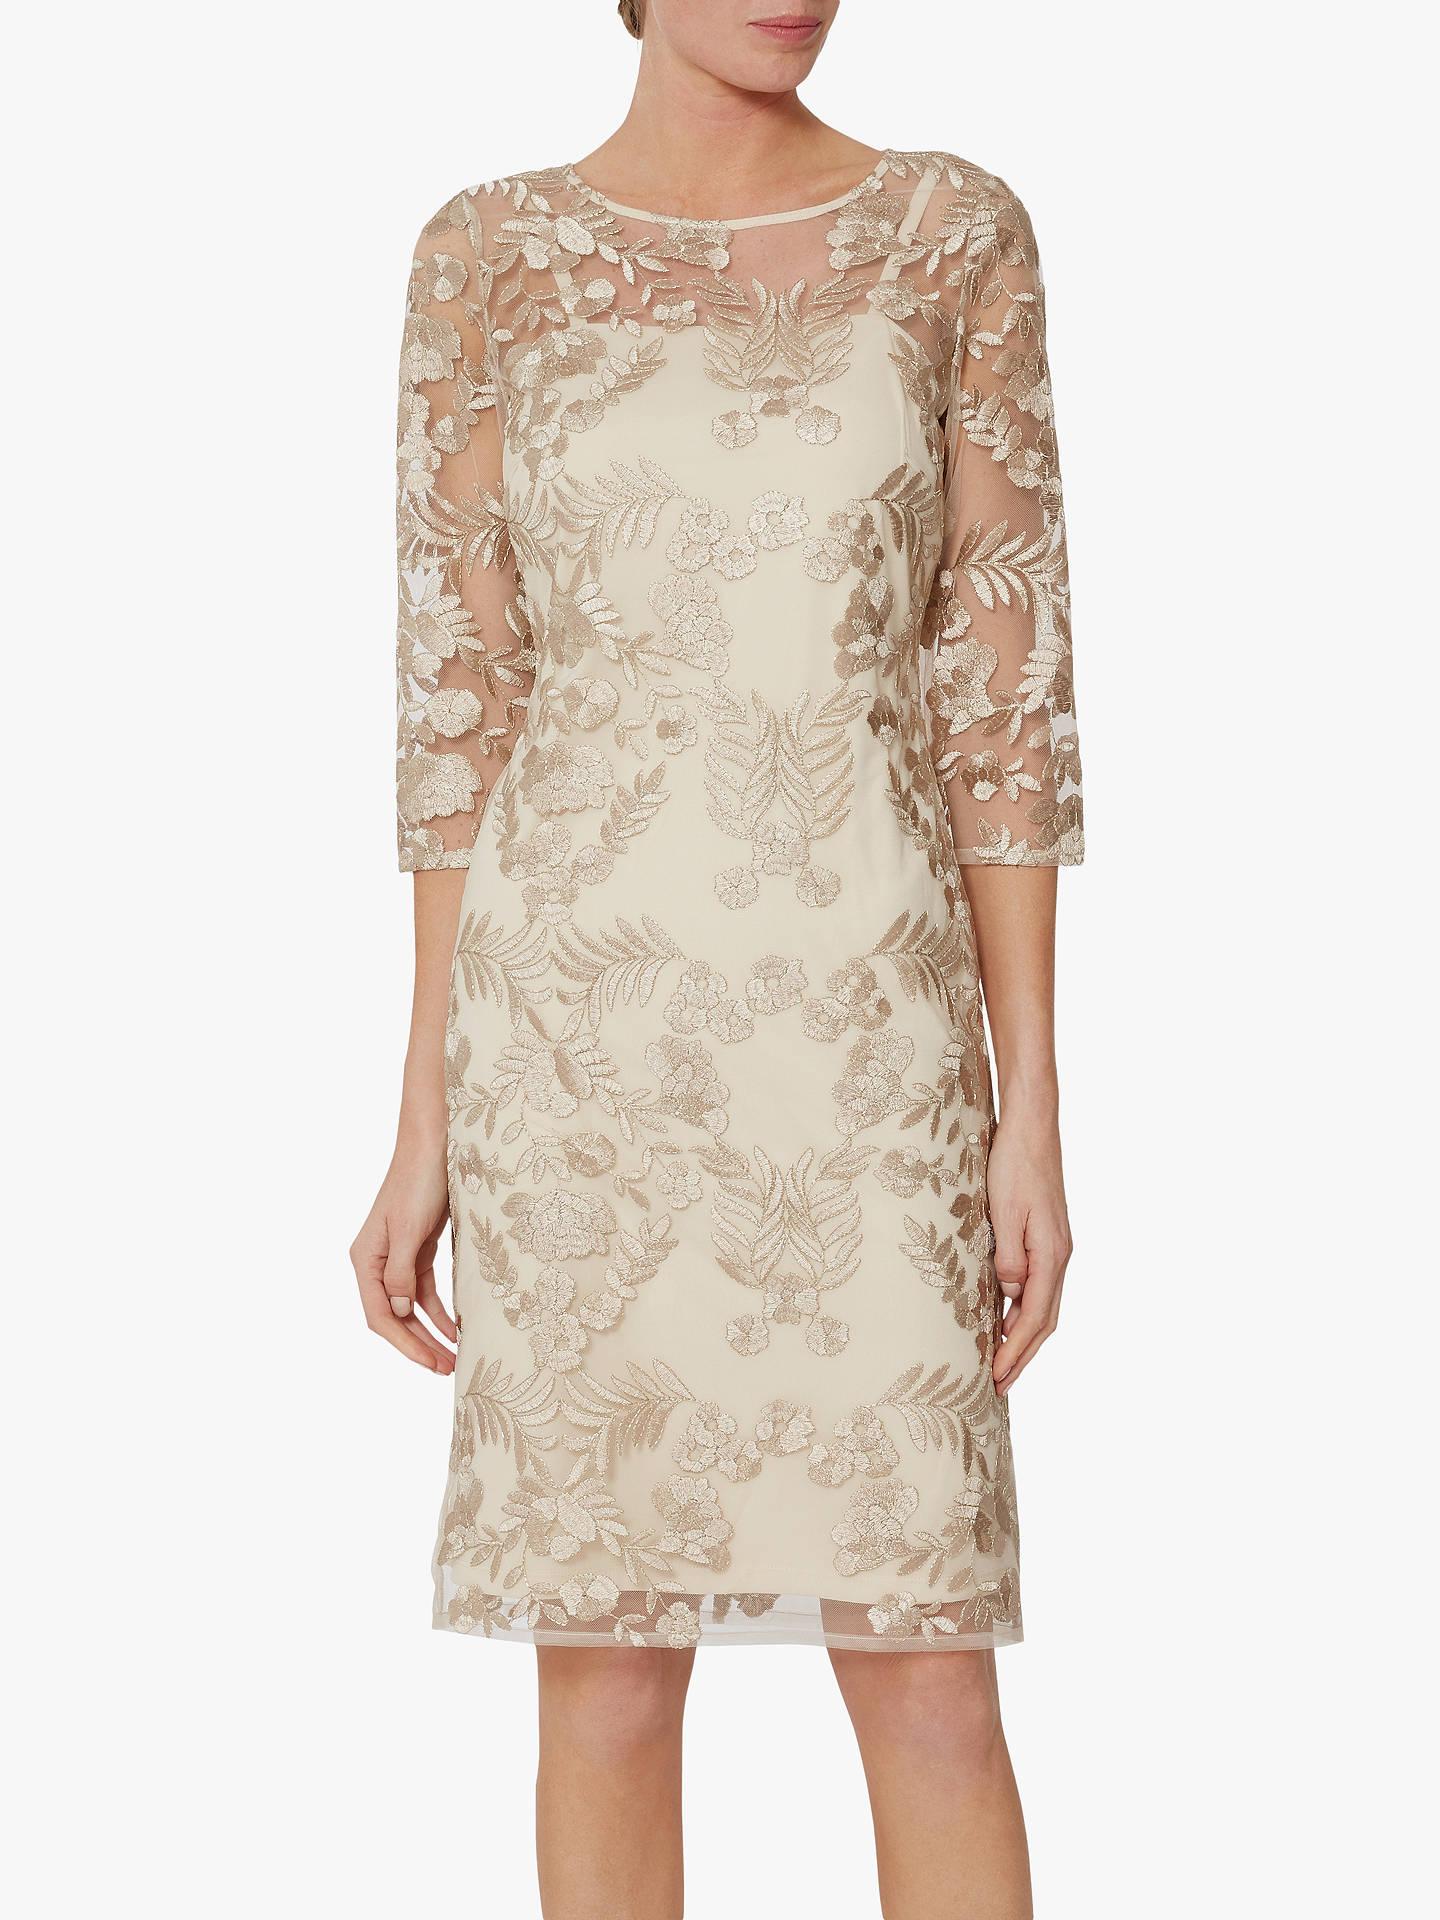 Gina Bacconi Rehka Floral Lace Dress Gold At John Lewis